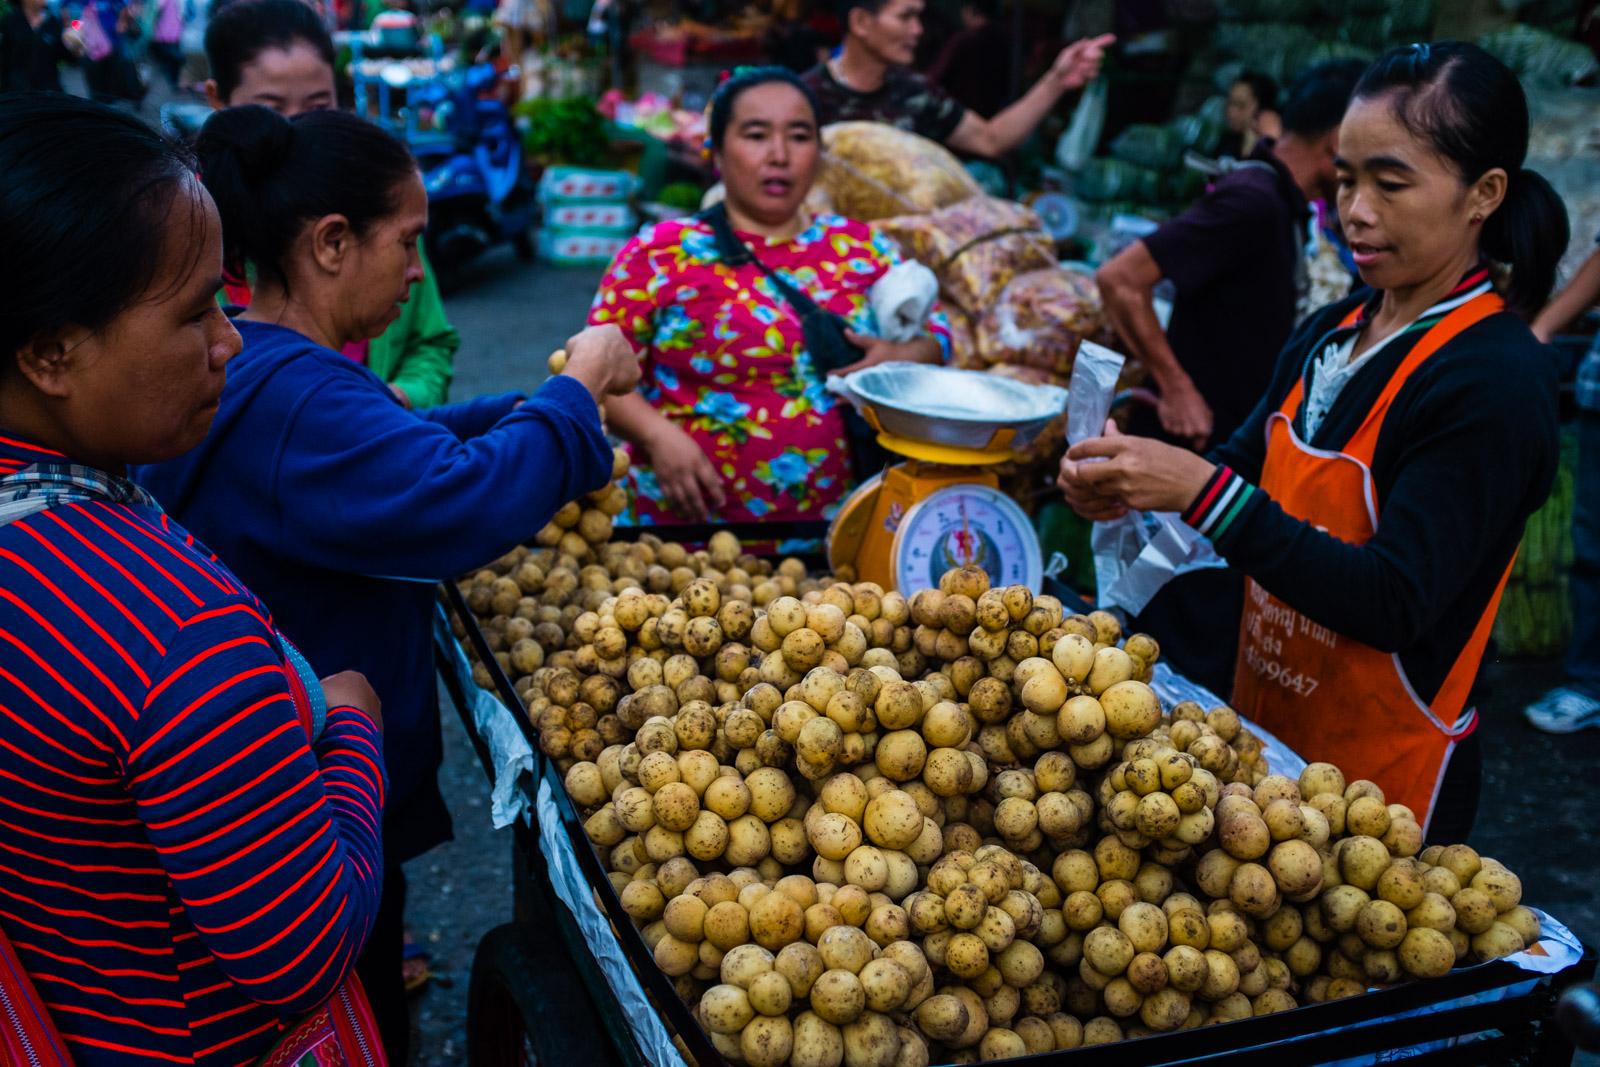 Women buying fruit